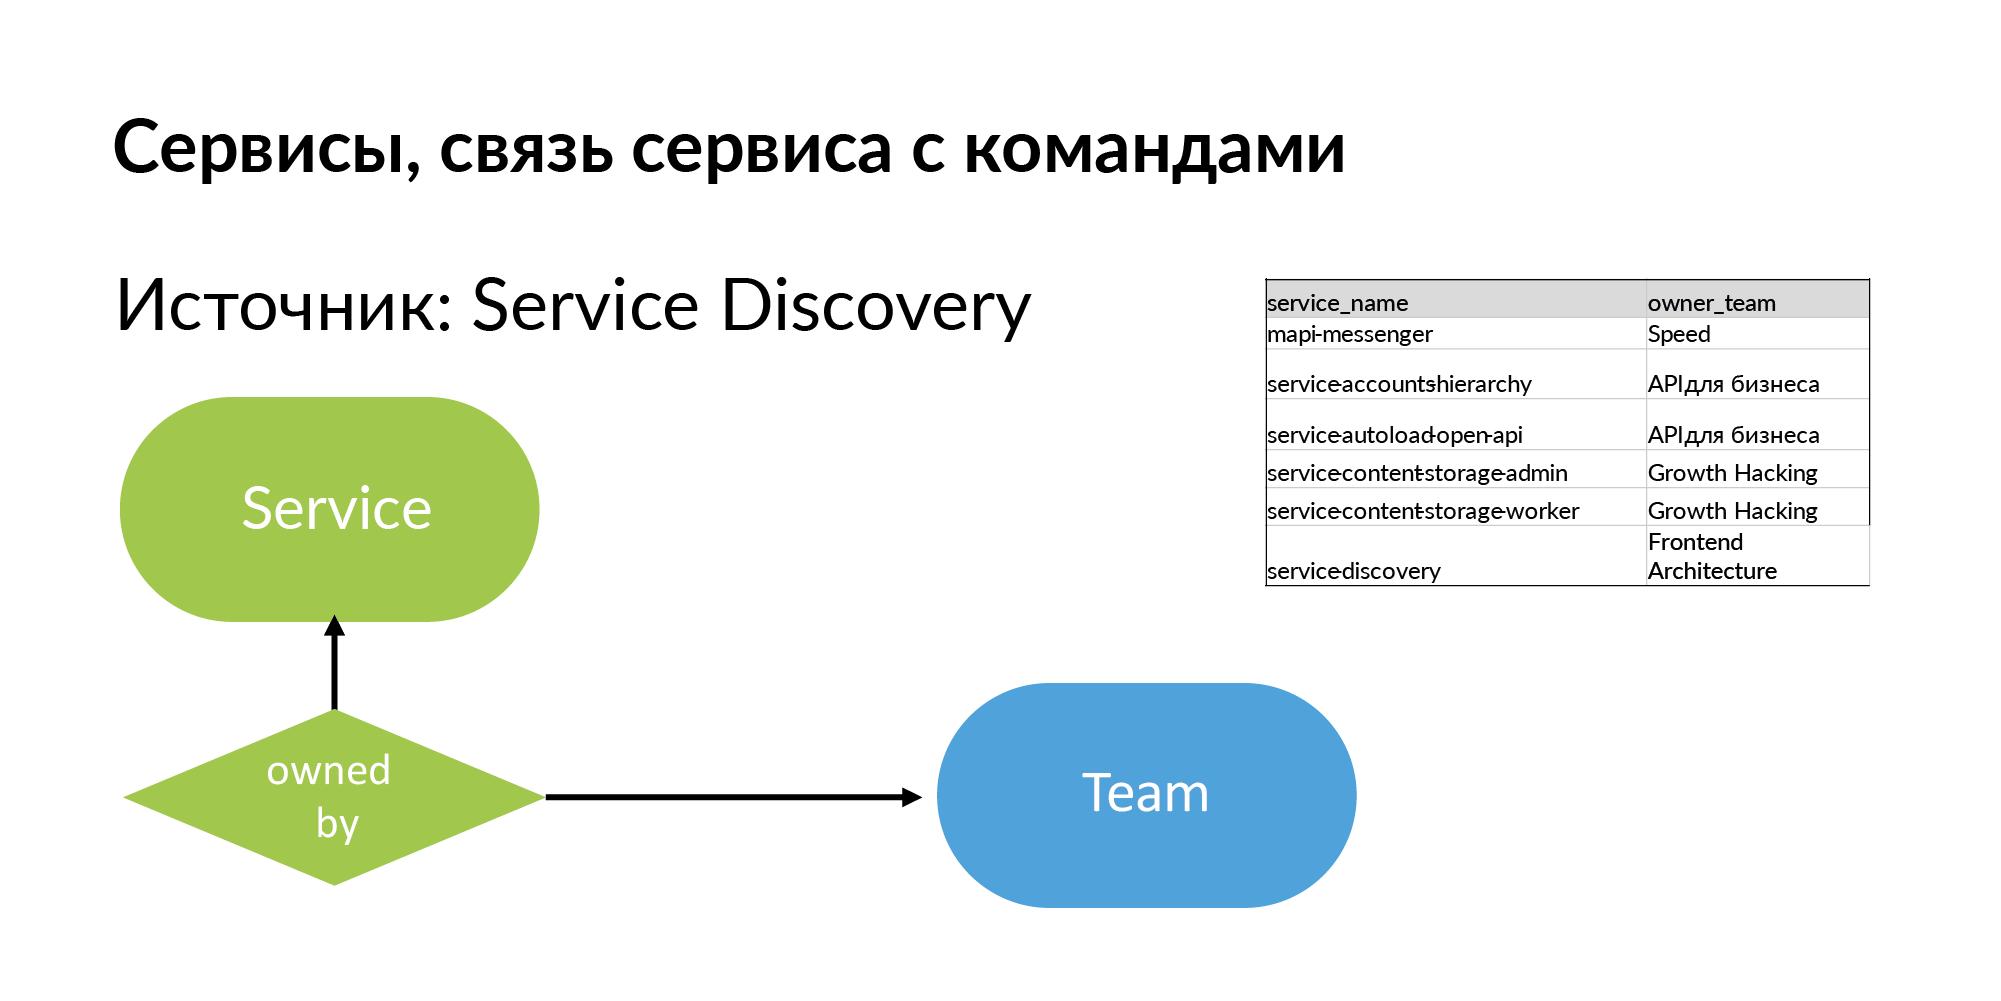 Концепция персистентной ткани для контроля IT-инфраструктуры - 11